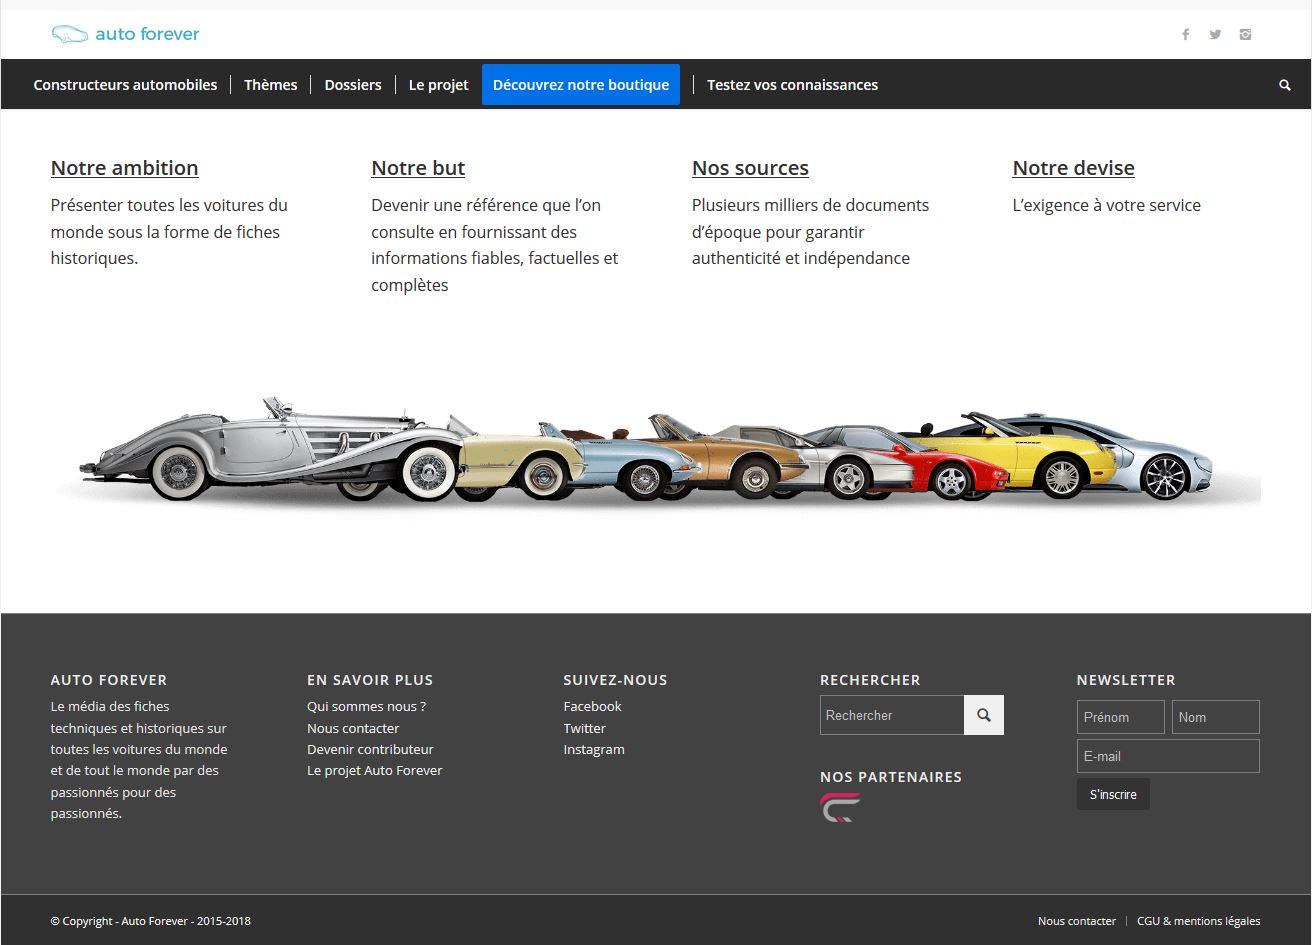 Auto Forever encyclopédie automobile en ligne